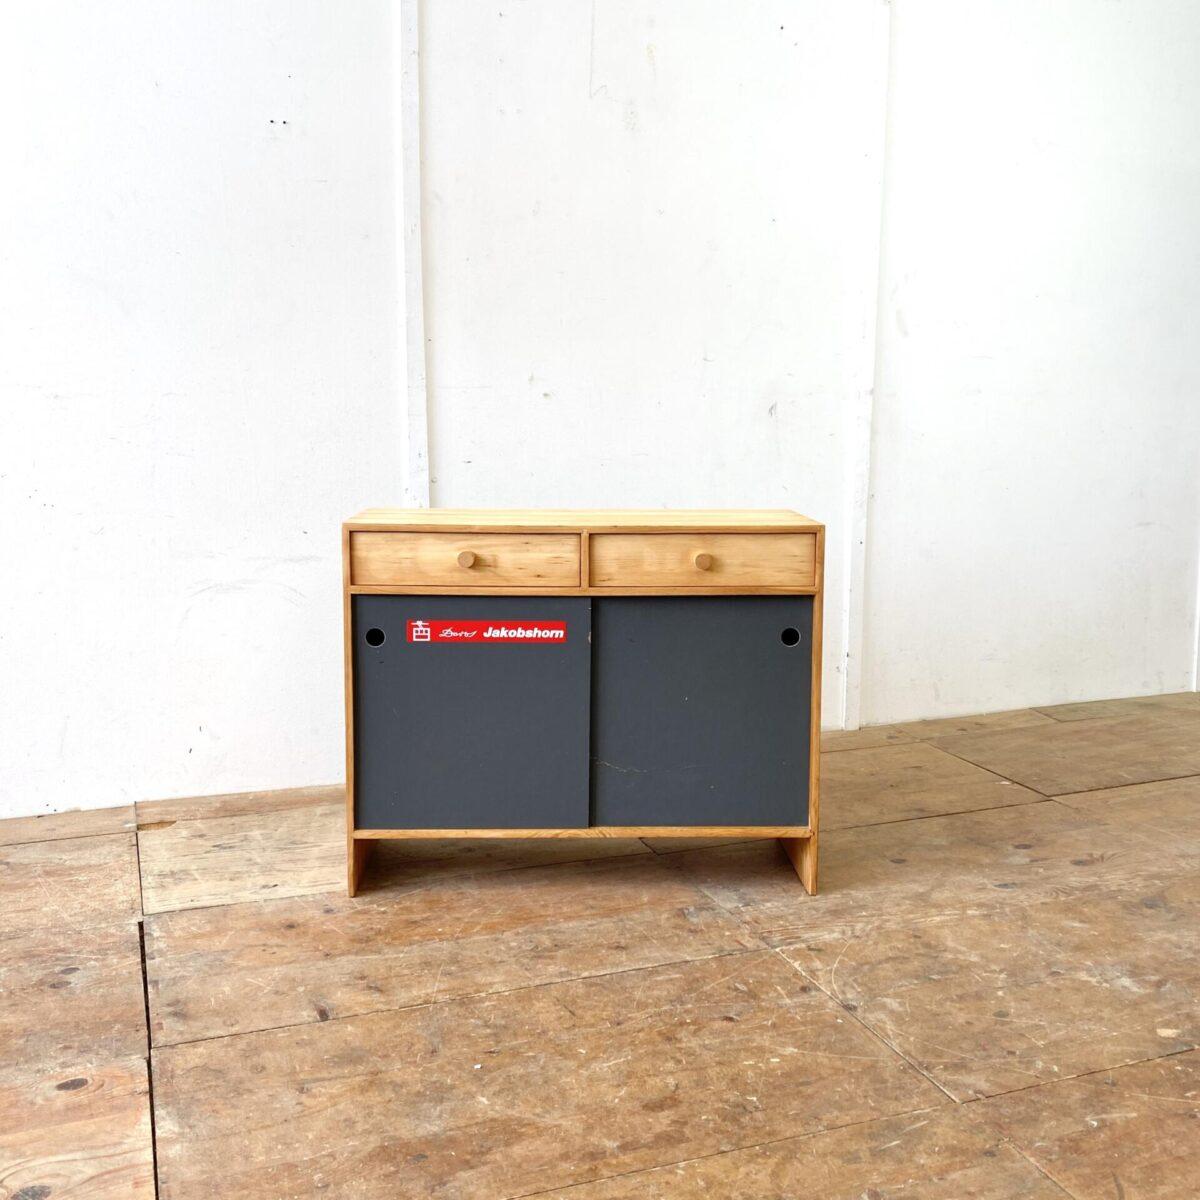 Deuxieme.shop Vintage Schiebetüren Schränkli aus den 60er 70er Jahren. 88x34cm Höhe 70.5cm. Der Schuhschrank ist aus Tannenholz, die Holzoberflächen sind geschliffen und geölt. Die Pavatex Schiebetüren mit grauer Kelko Beschichtung. Eine Türe hat eine Bruchstelle welche aber stabil ist, oder ausgewechselt werden kann. Die zwei Schubladen laufen einwandfrei.